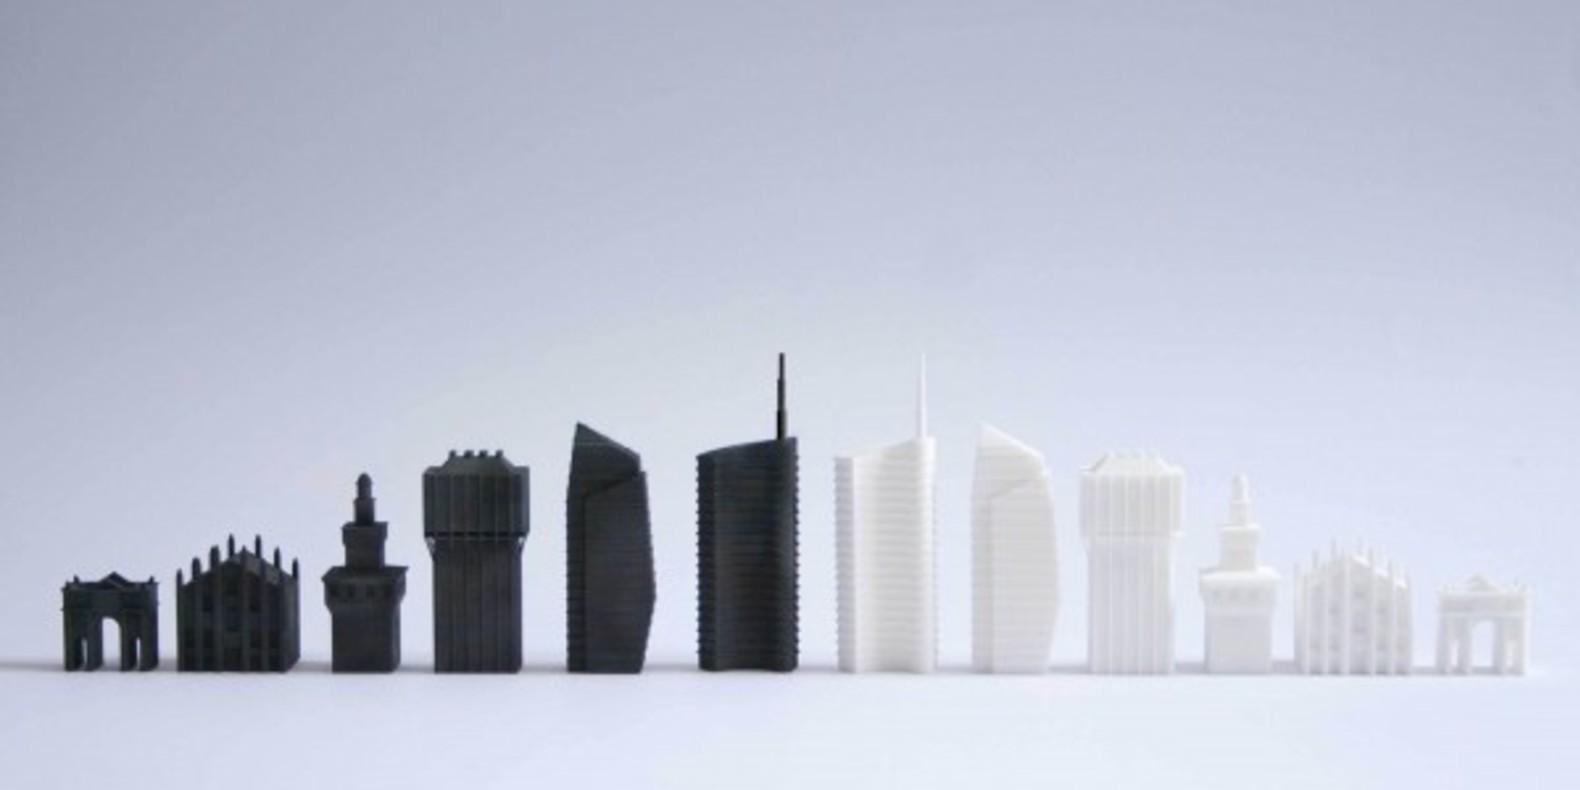 3D printed chess set imprimé en 3D jeu d'échecs cults fichier STL davide chiesa